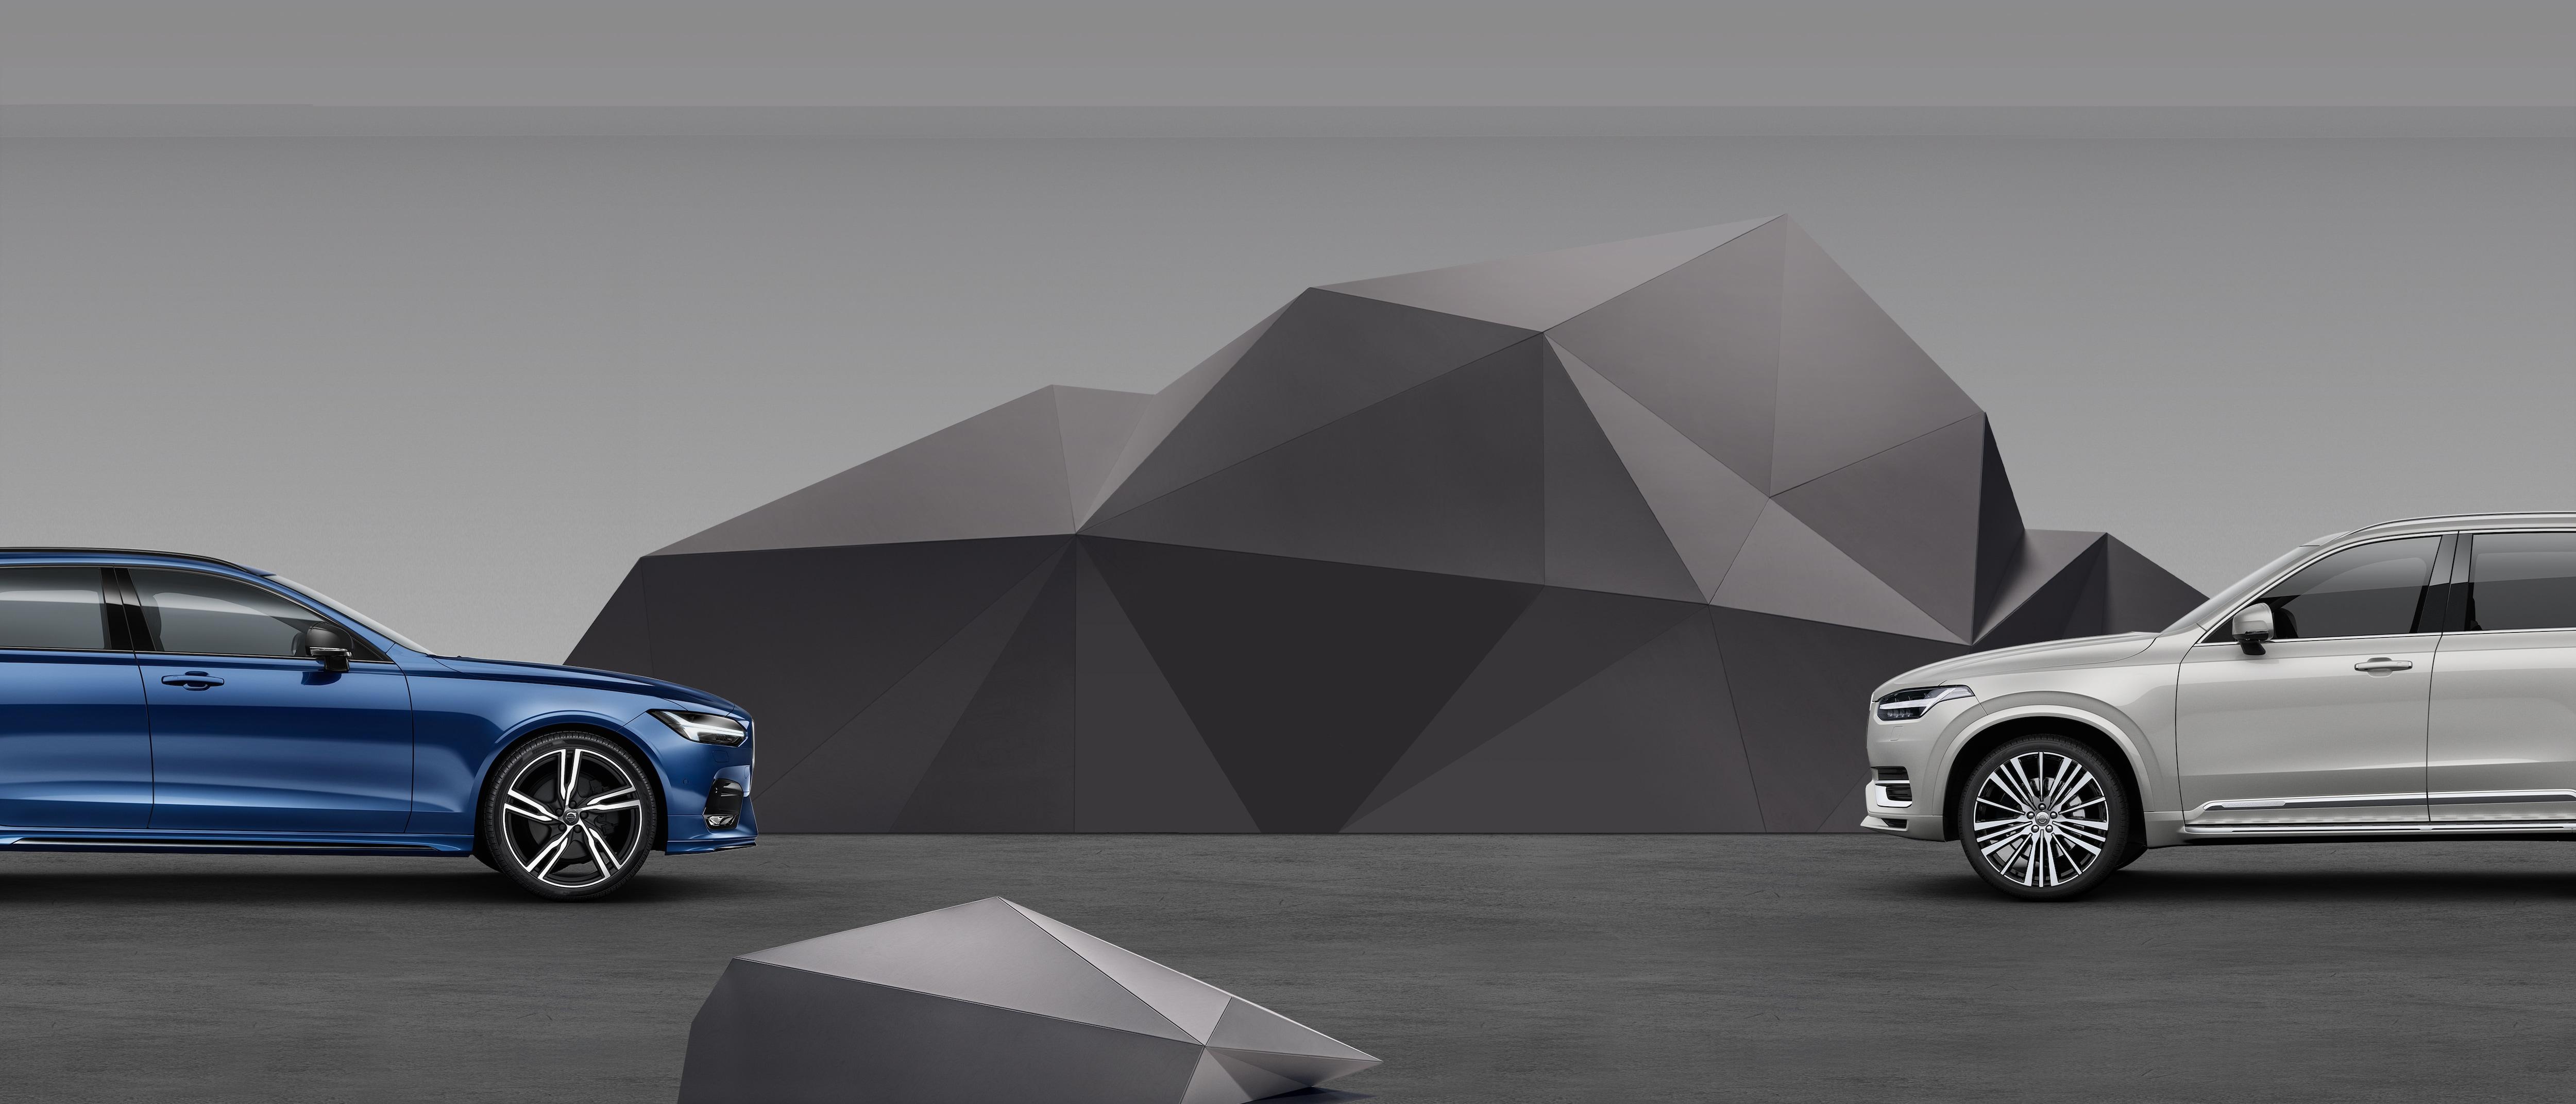 Volvo Virtual Showroom